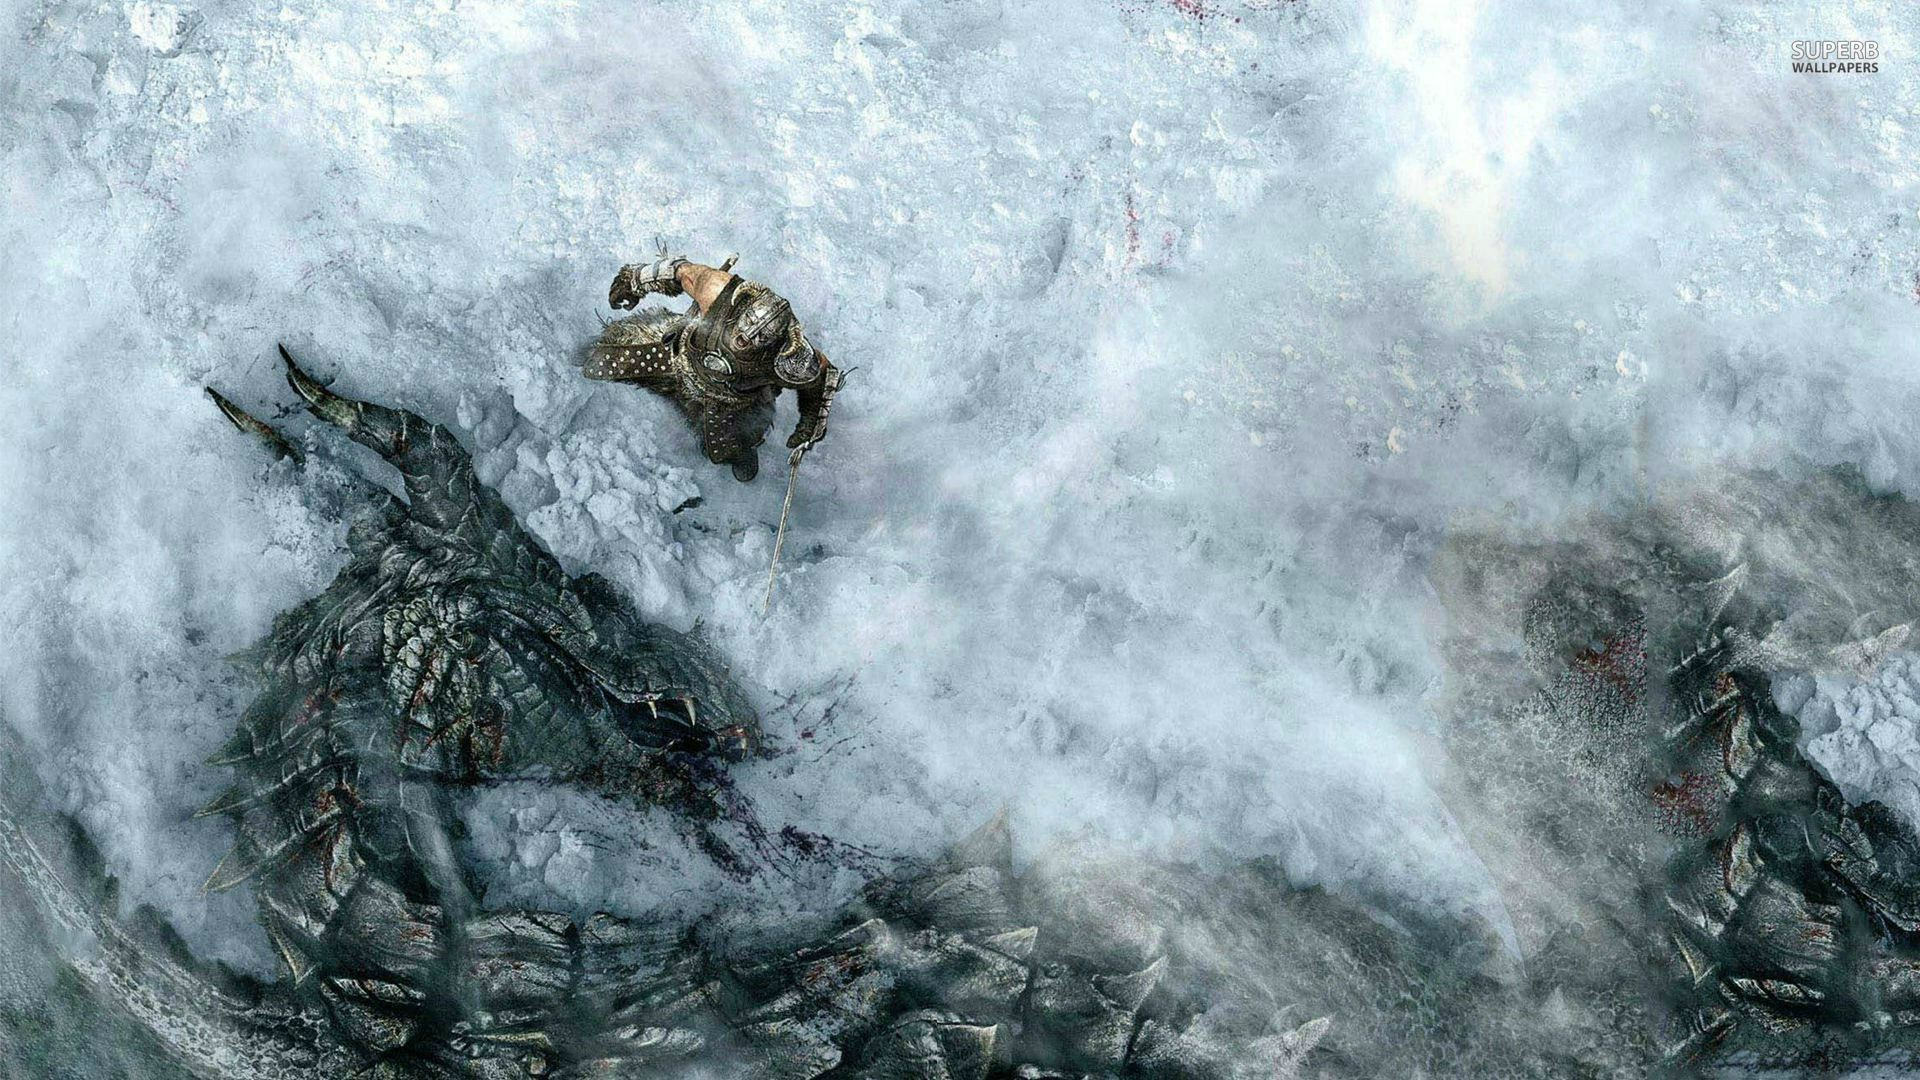 The Elder Scrolls V: Skyrim wallpaper – Game wallpapers – #20012